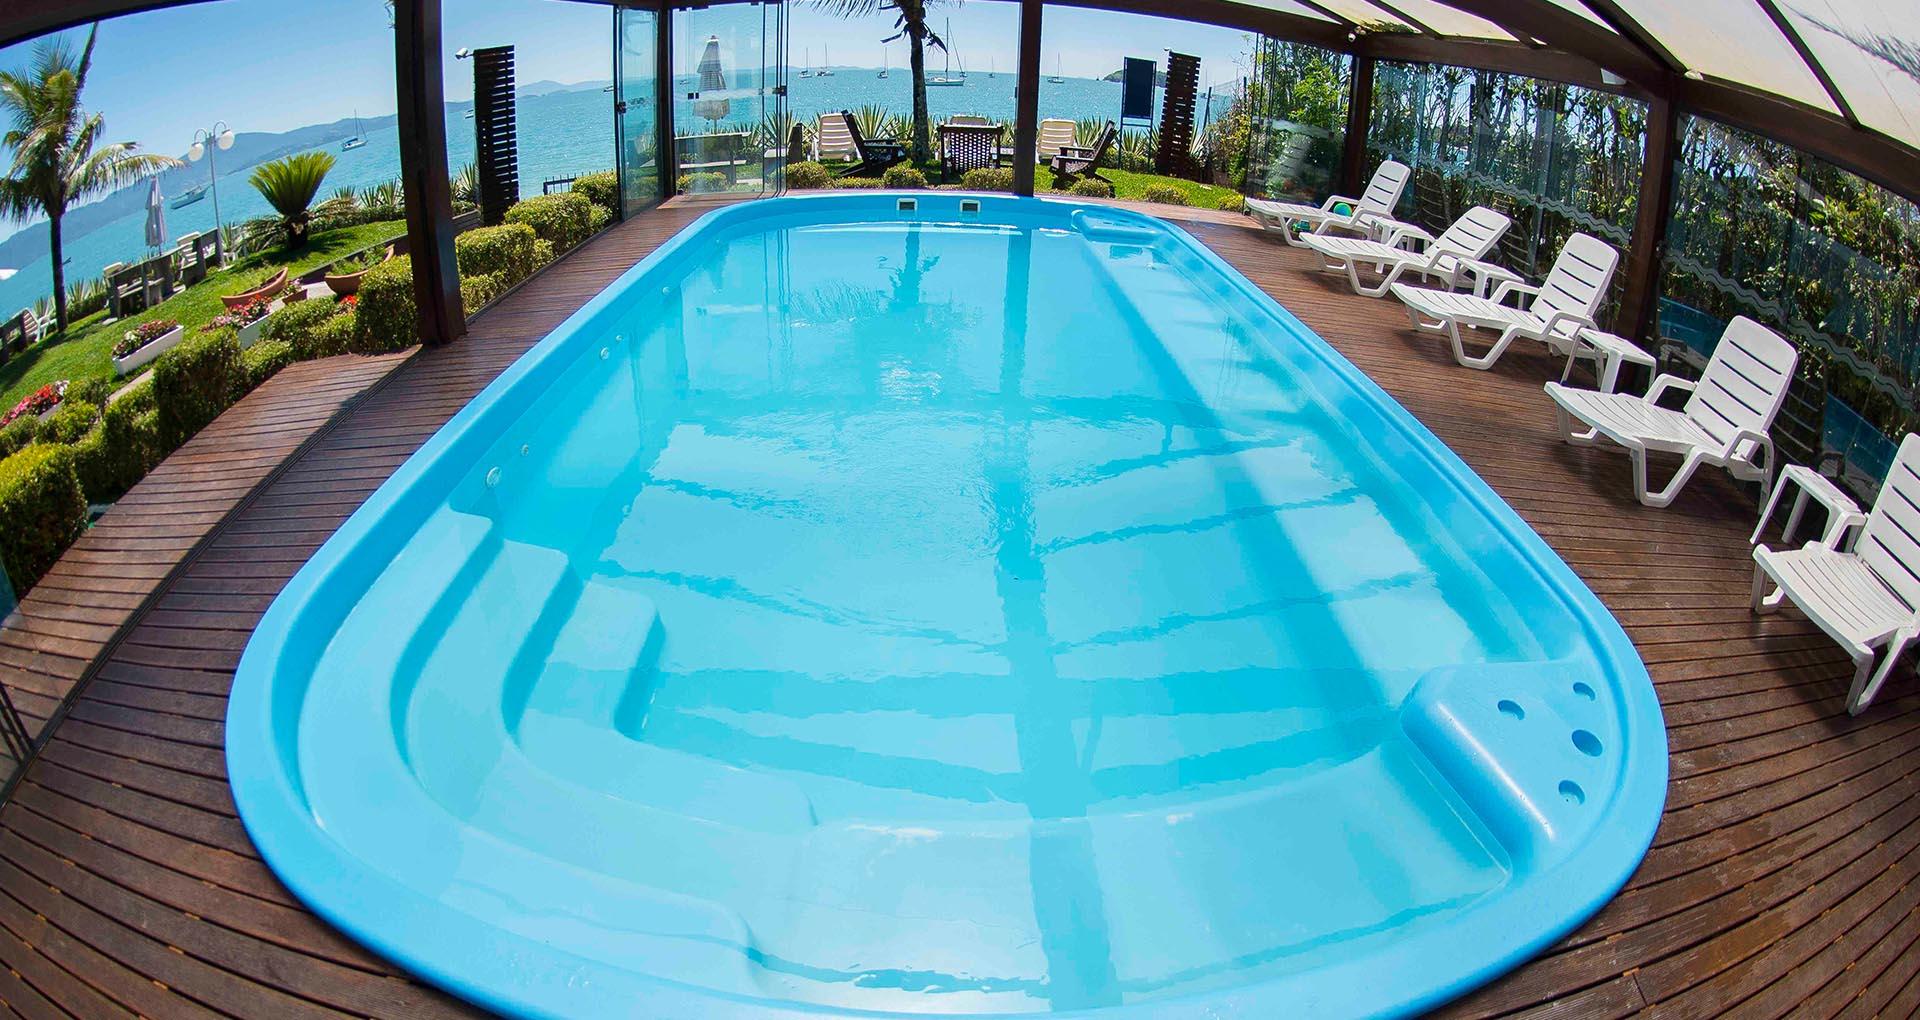 Piscina aquecida no Hotel Sete Ilhas em Florianópolis, Santa Catarina, frente ao mar de Jurerê com bela vista!